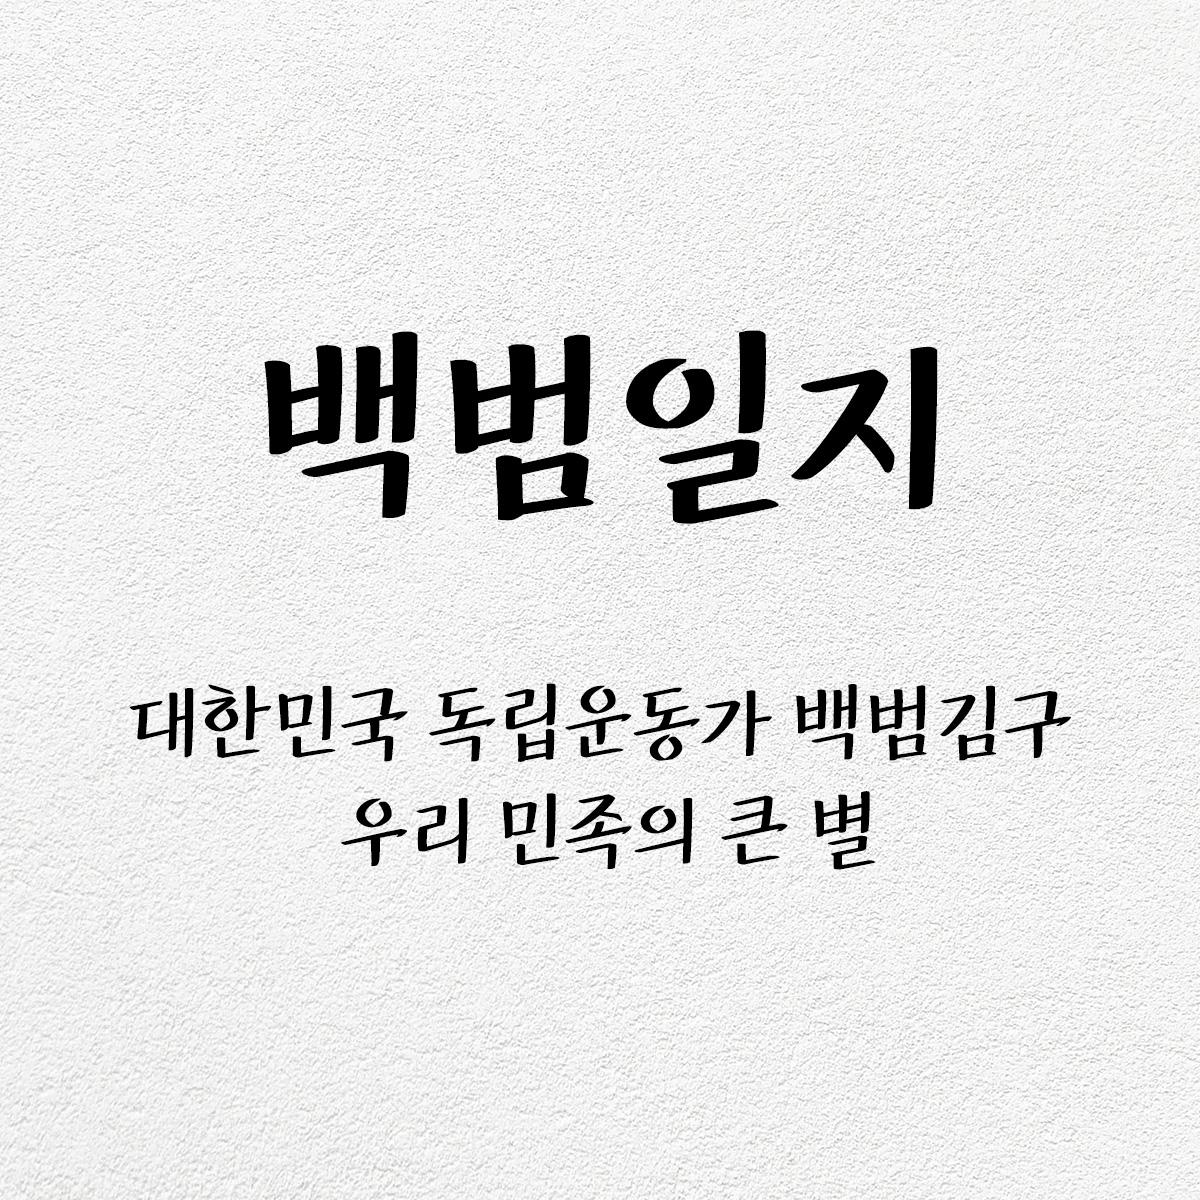 타이포_백범일지